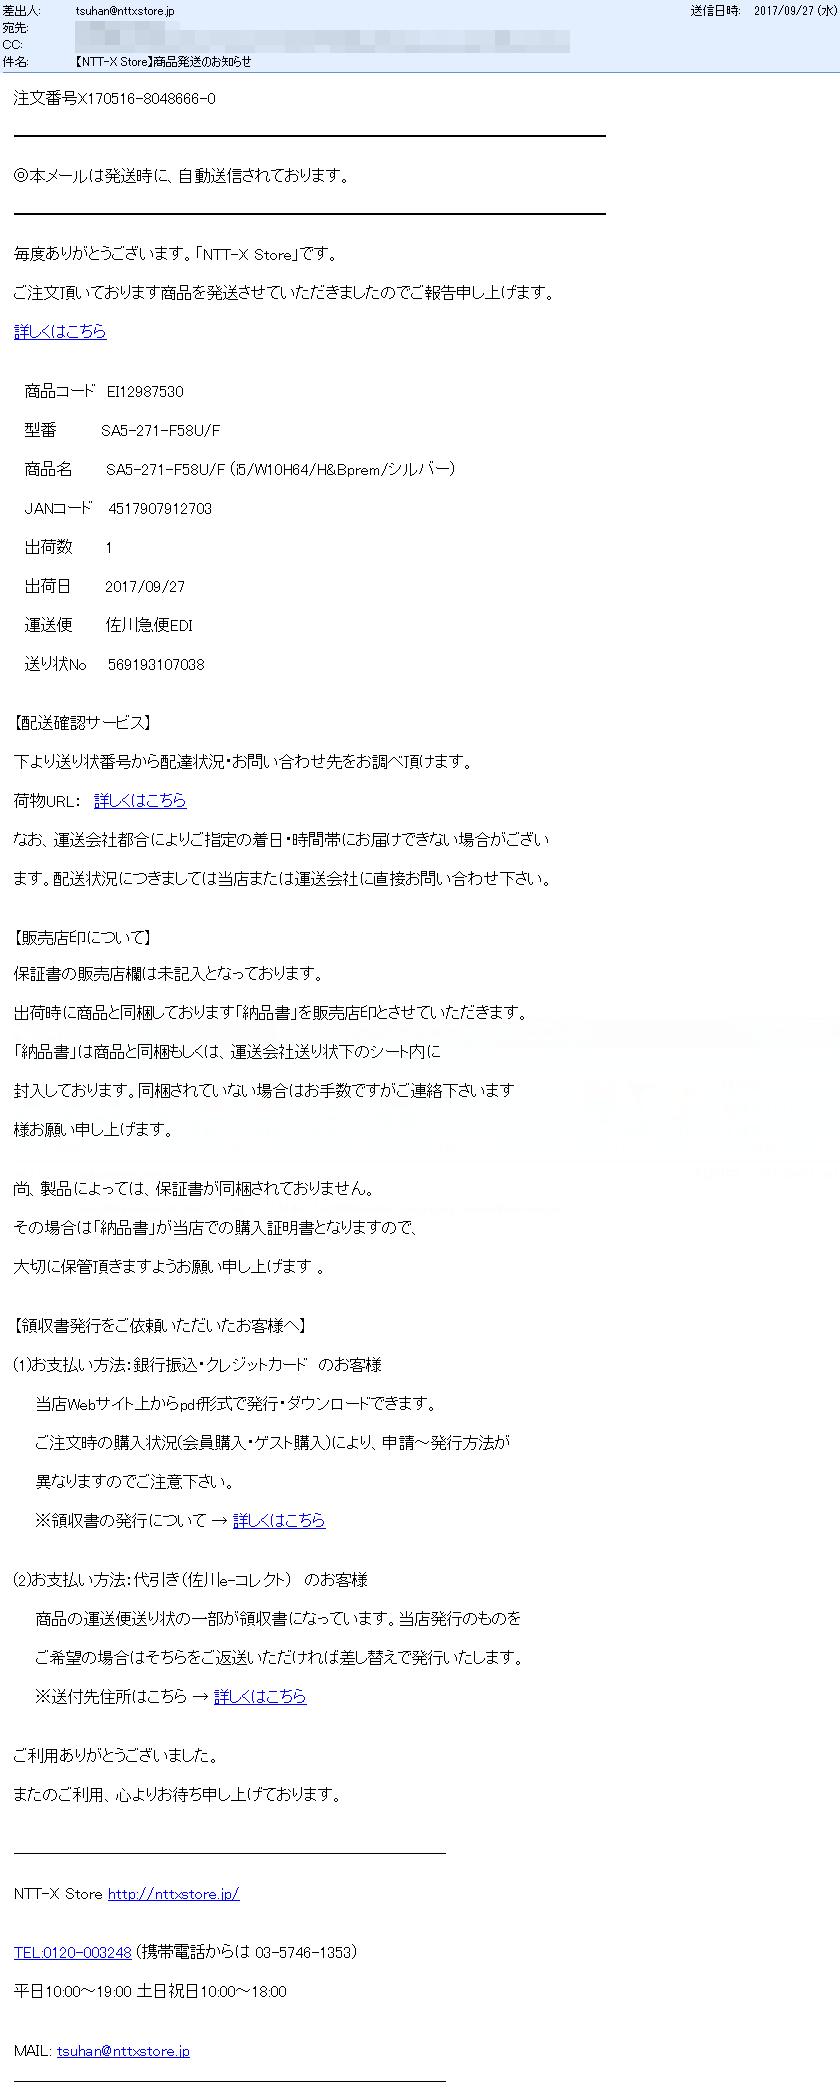 NTT-X Store を偽る詐欺メール